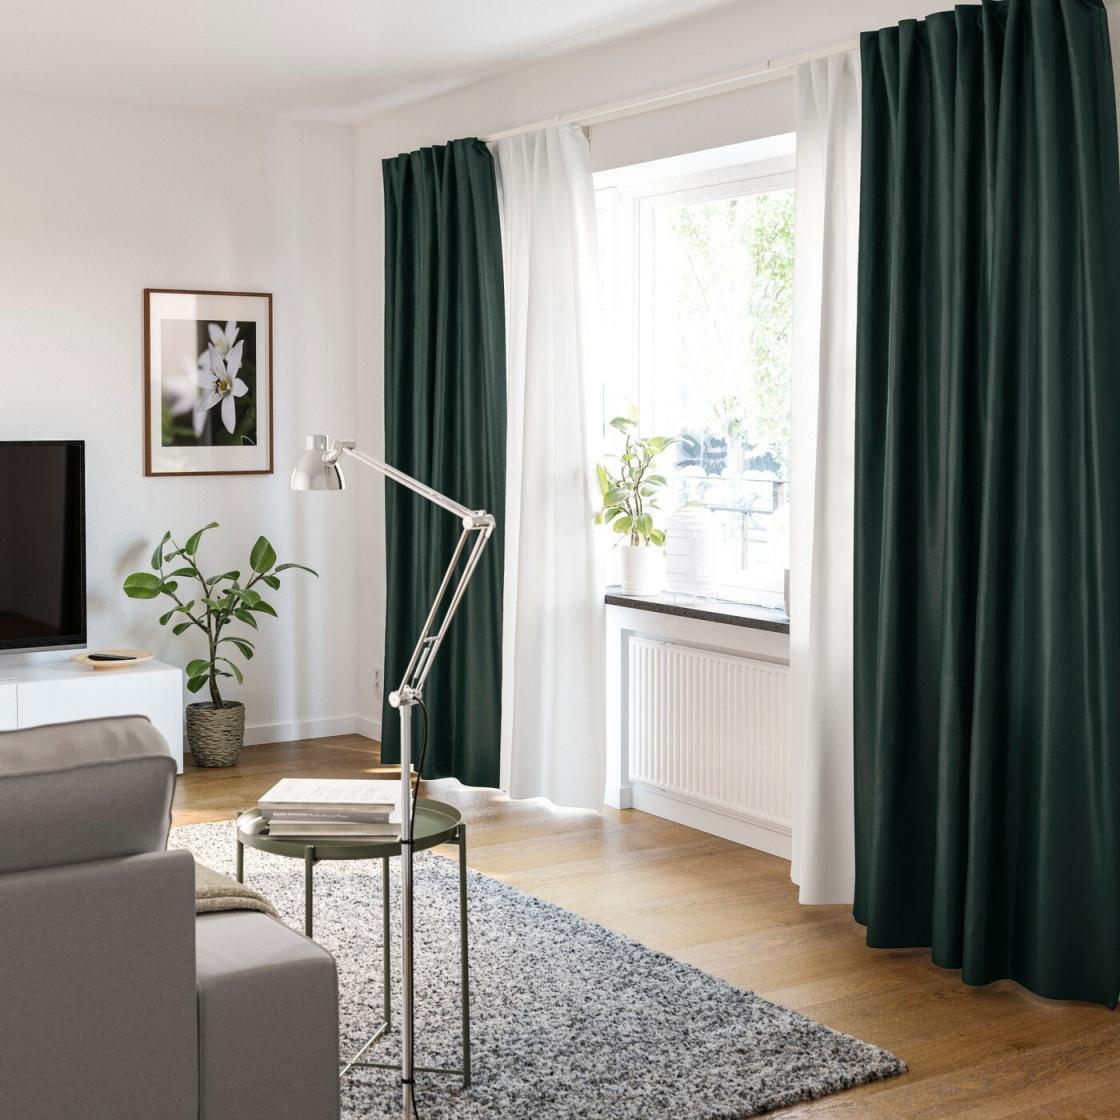 Gardinenideen Inspirationen Für Dein Zuhause  Ikea von Wohnzimmer Fenster Gardinen Photo